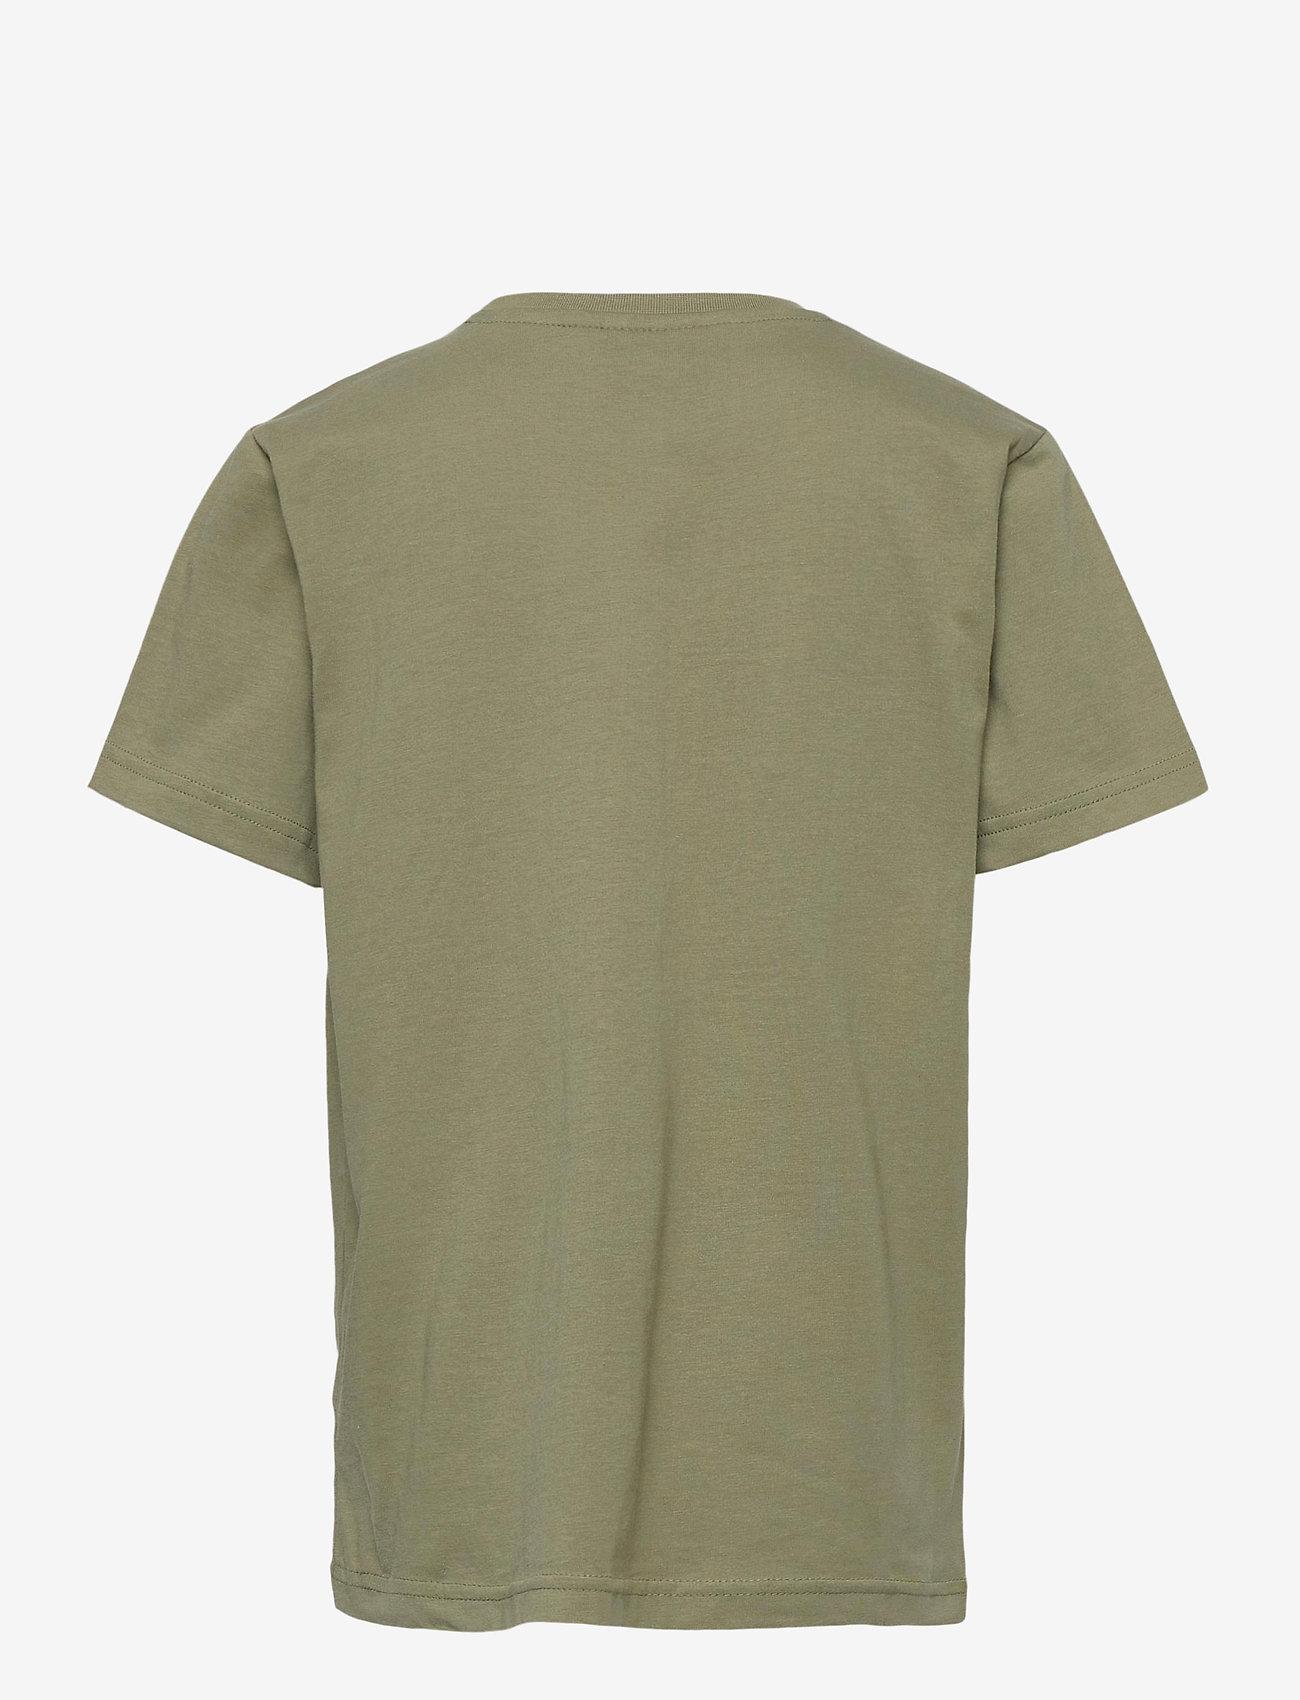 Hummel - hmlTRES T-SHIRT S/S - short-sleeved - deep lichen green - 1